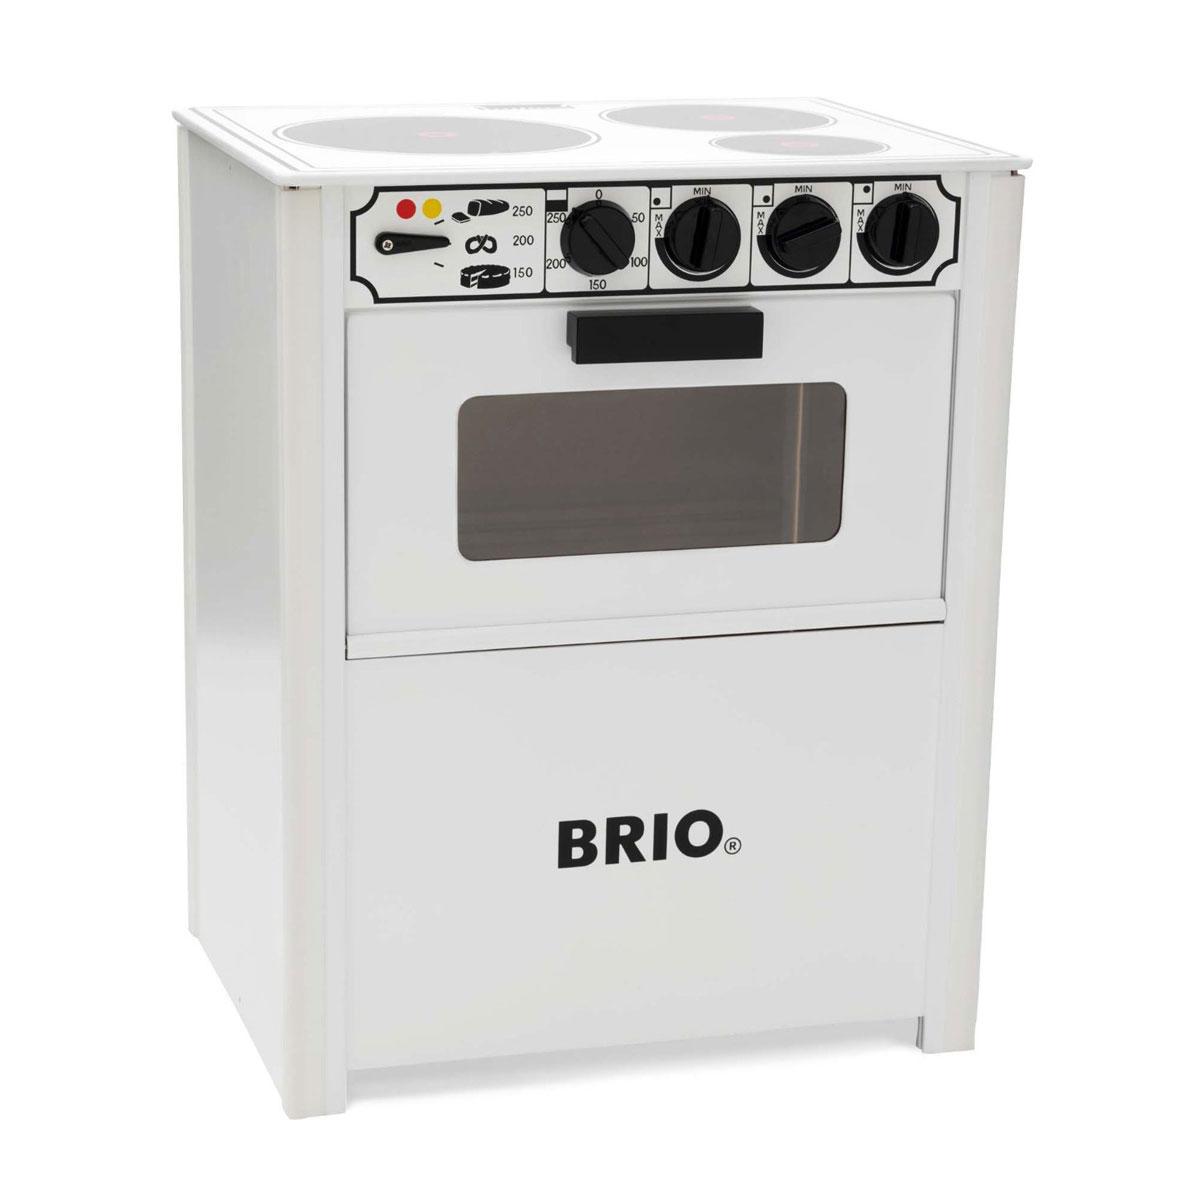 Brio Игрушечная кухонная плита31357Игрушечная кухонная плита Brio предназначена для юных поваров, которые с малых лет проявляют особый интерес к процессу готовки. Плита создана в качестве уменьшенной копии своего реального прототипа. Она оснащена открывающимся духовым шкафом, тремя электрическими конфорками и множеством дополнительных регуляторов. Игрушка обязательно впечатлит любого малыша и заставит придумывать различные способы приготовления блюд. В последующем ребенку будет легче обучиться использованию настоящей домашней плиты.